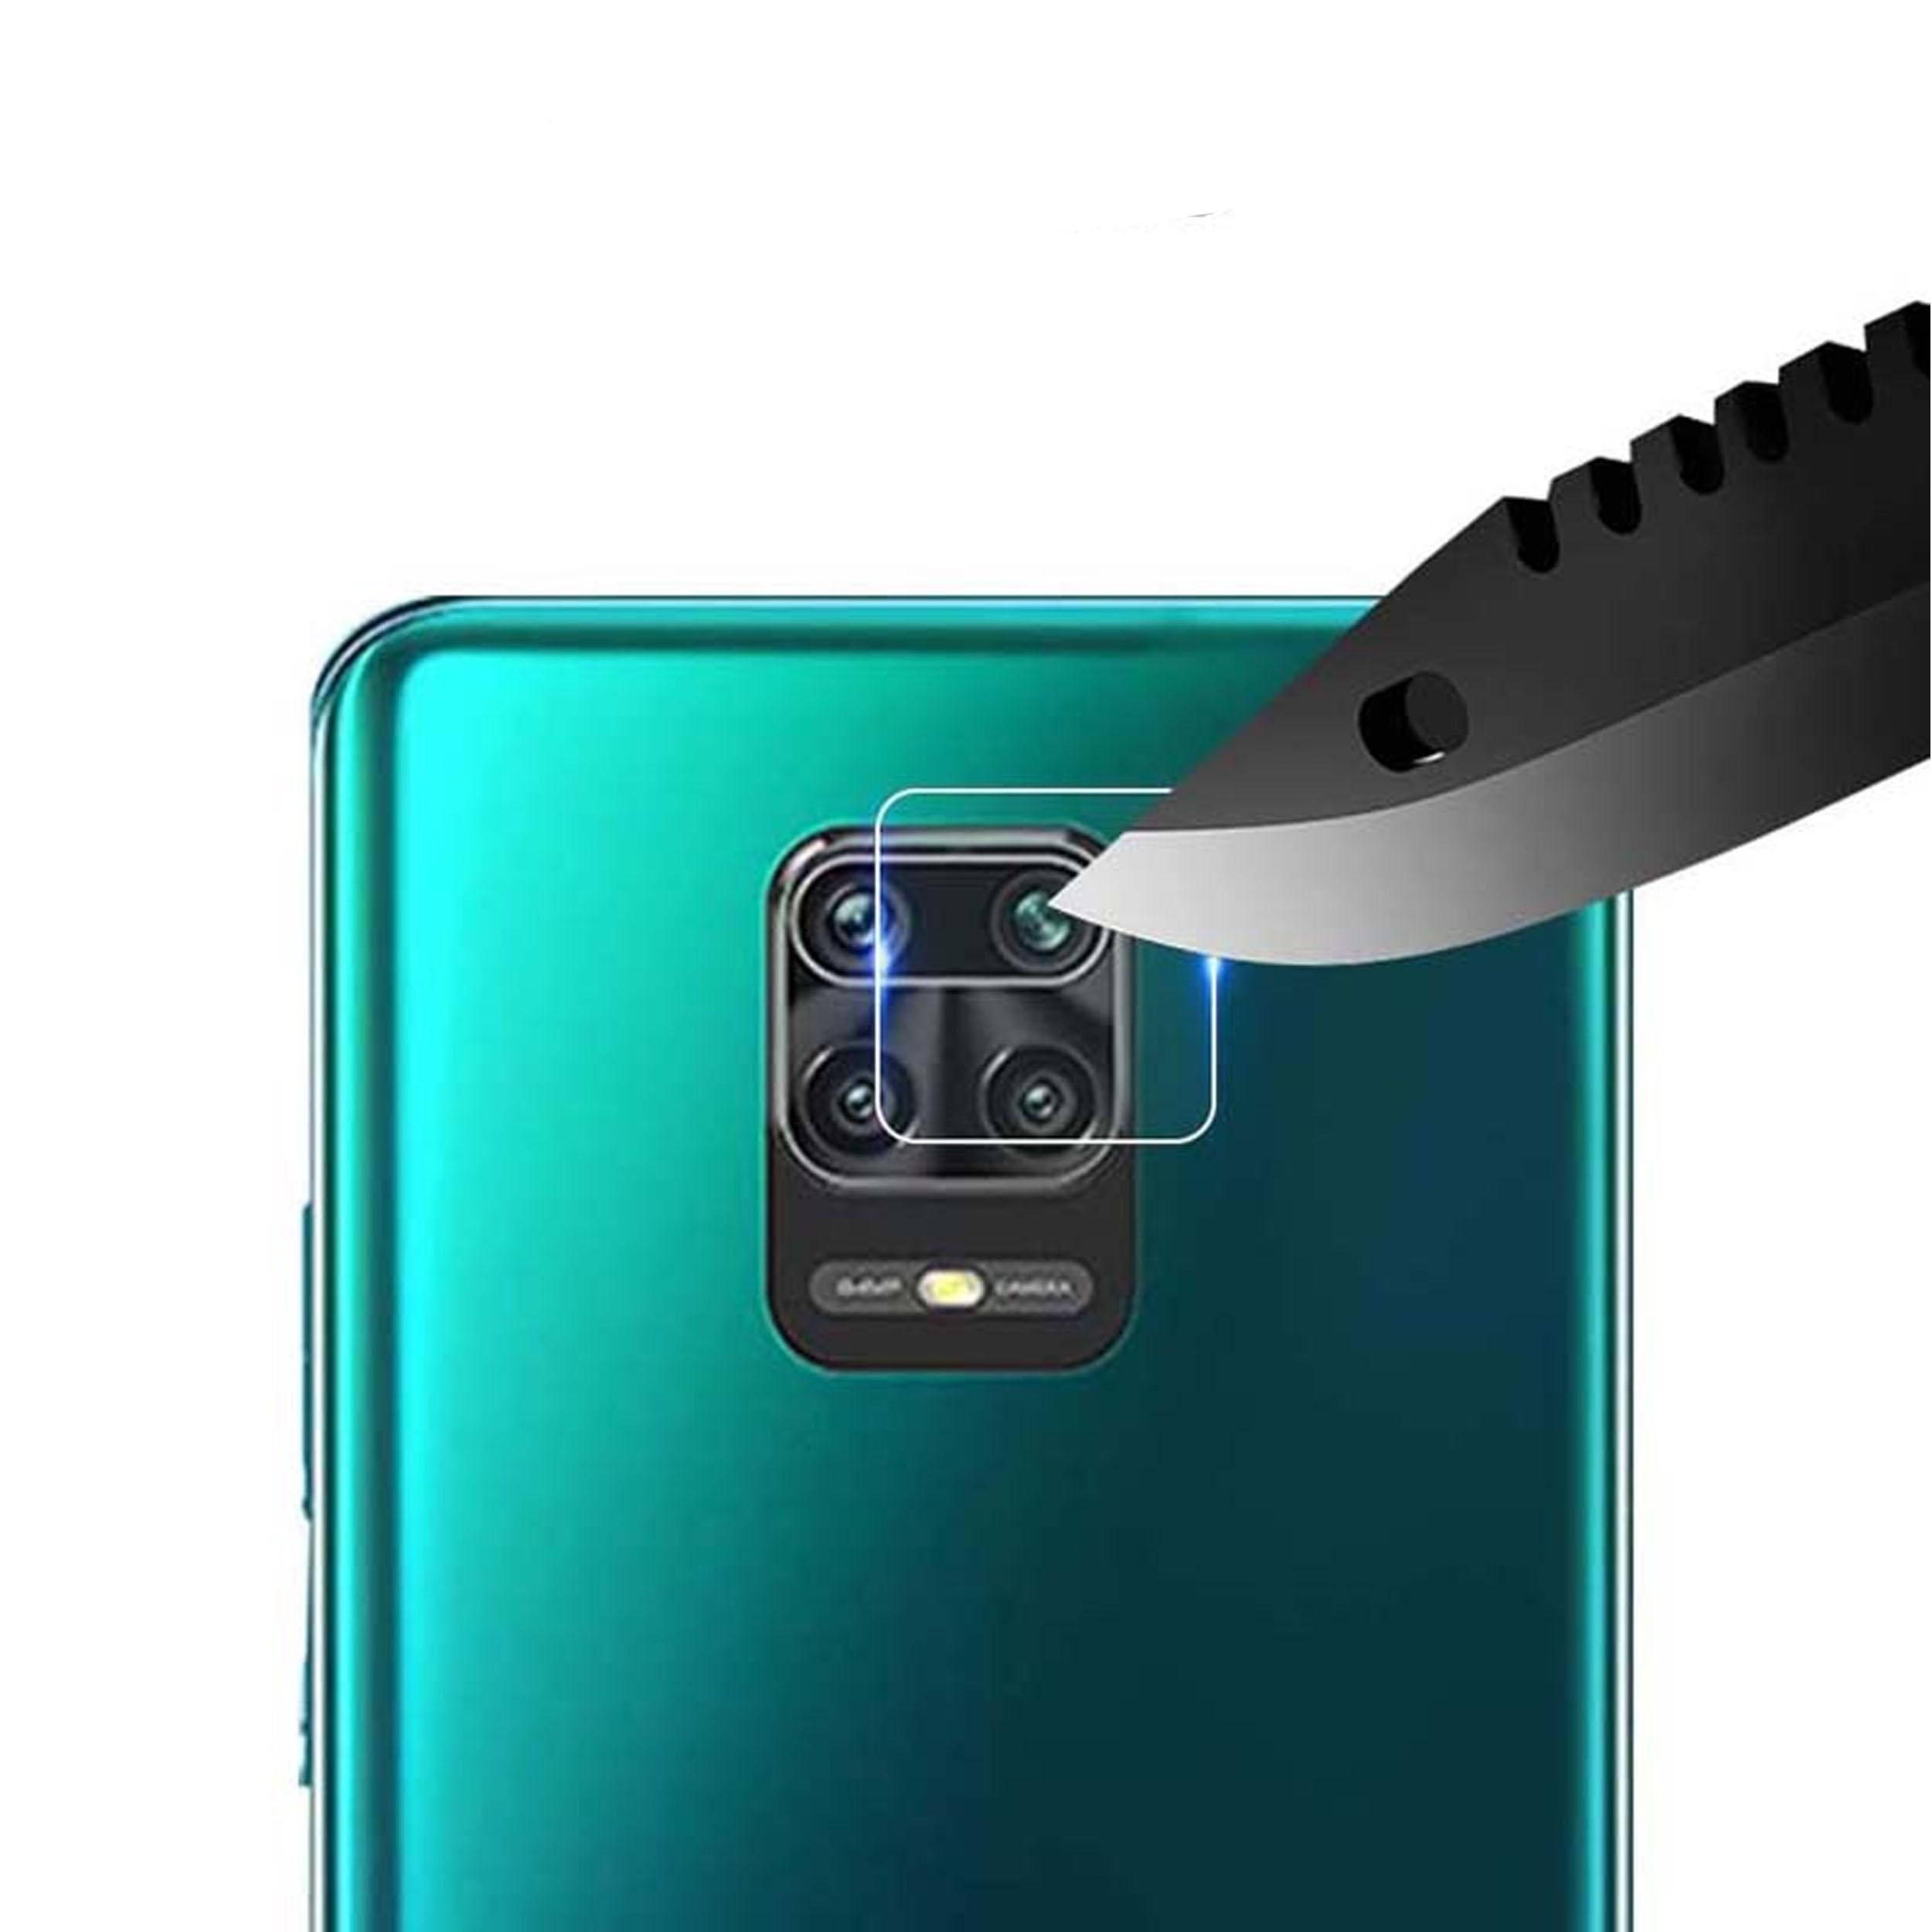 محافظ لنز دوربین گوف مدل SDG-002 مناسب برای گوشی موبایل شیائومی Redmi Note 9 Pro / Pro Max thumb 1